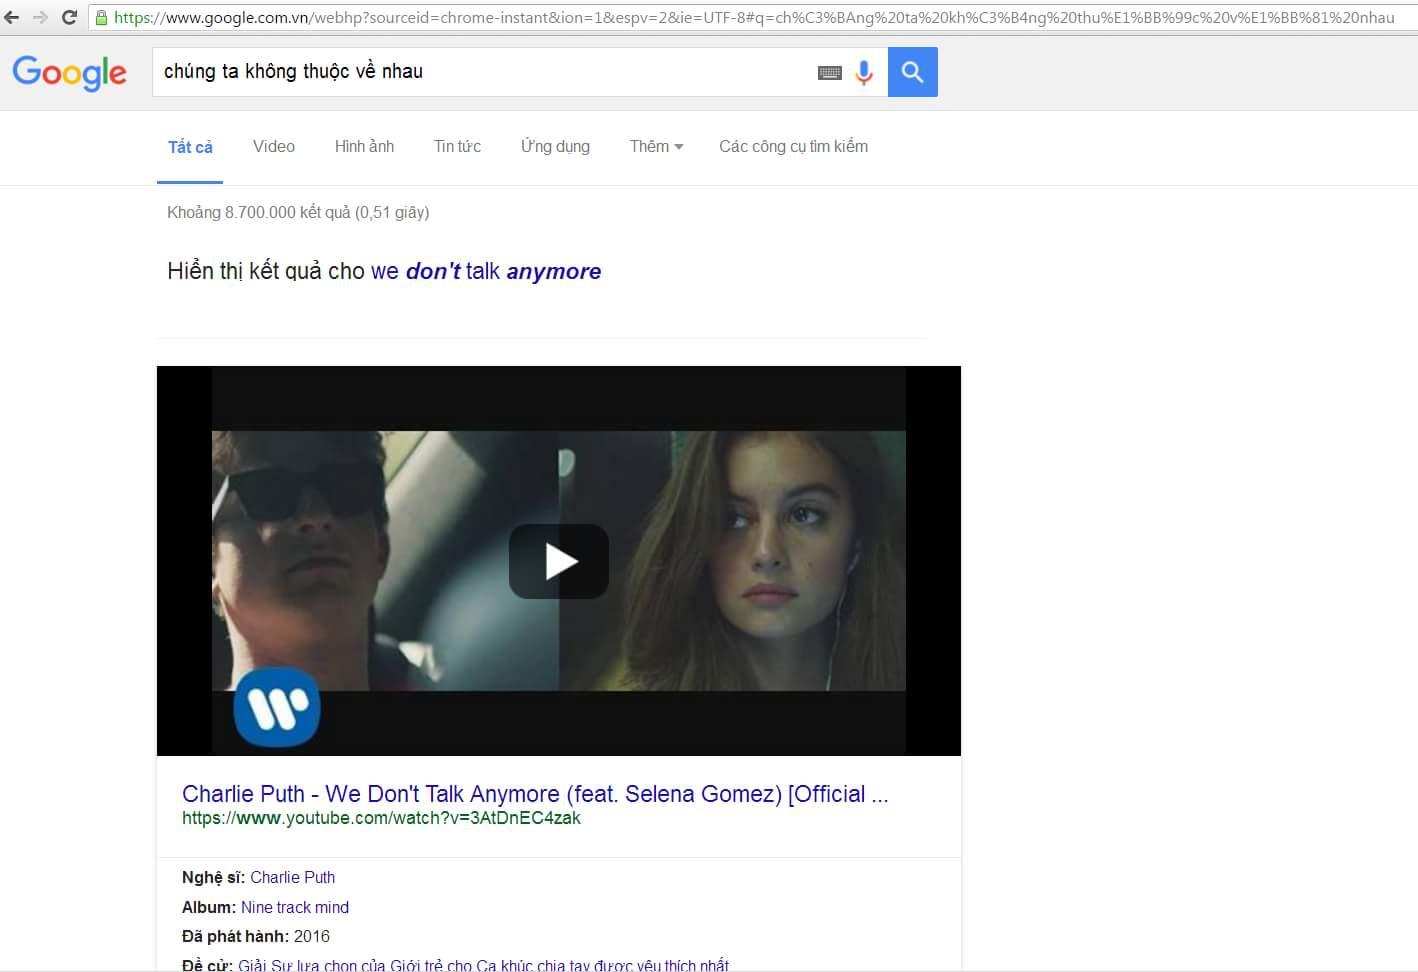 Google giờ siêu thật :v Biết cả định tìm bài gì =))  #hoibamlike #chungtakhongthuocvenhau...